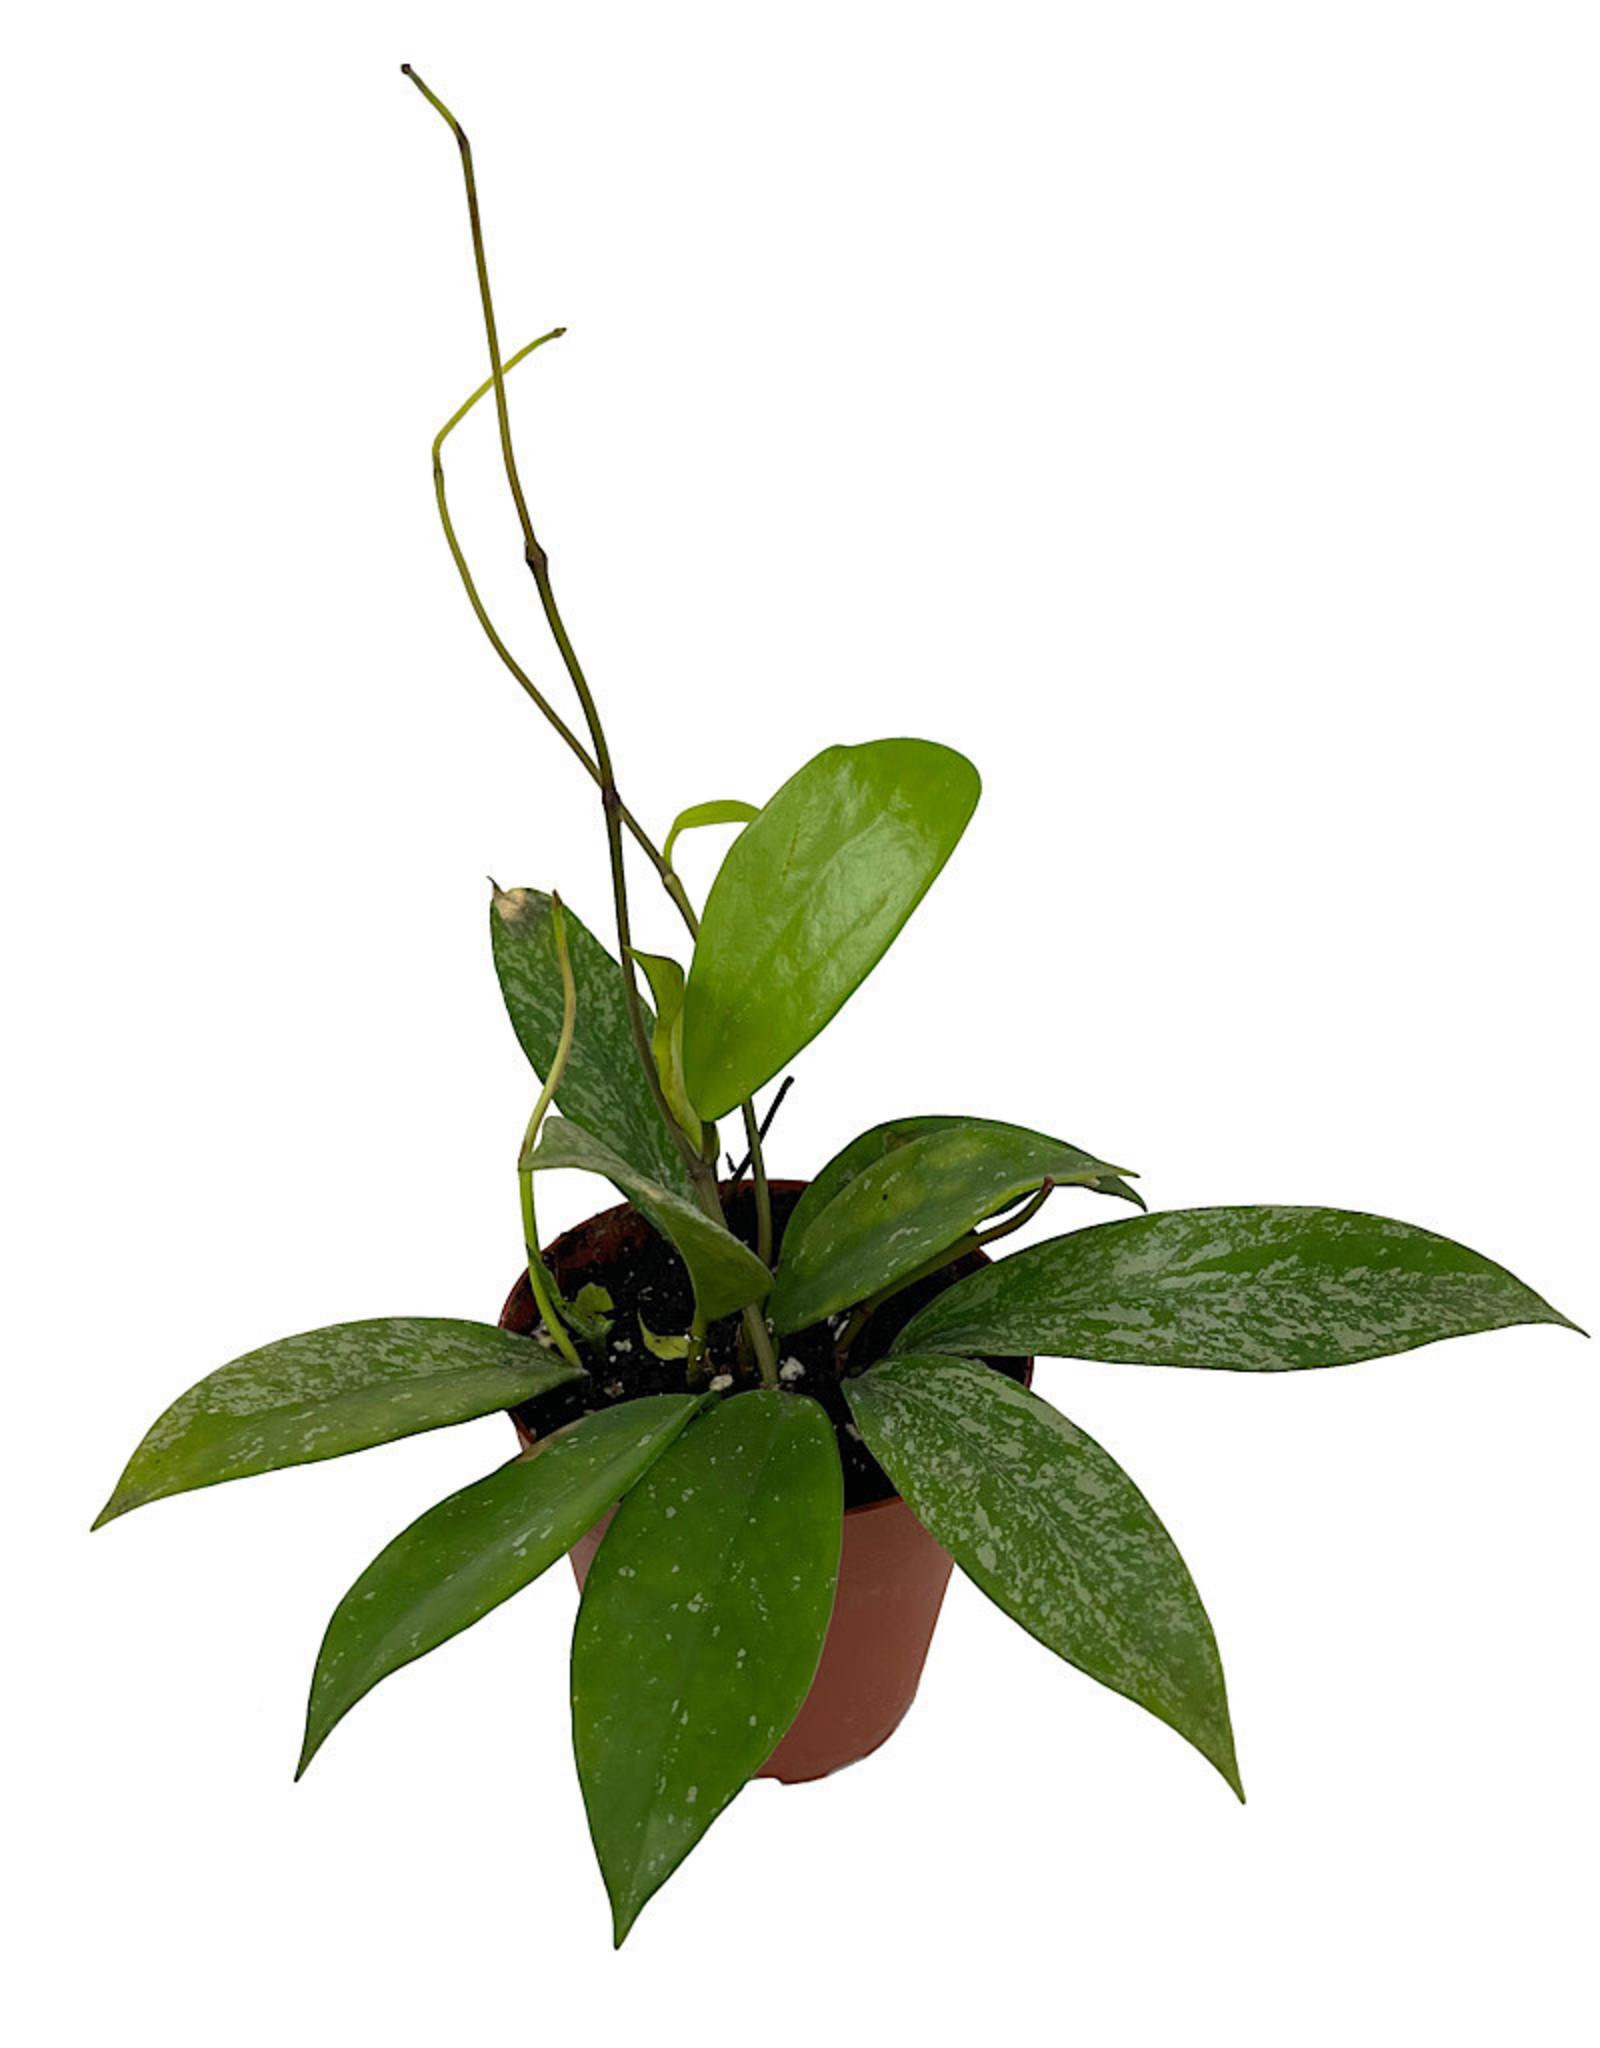 Hoya pubicalyx 4 Inch